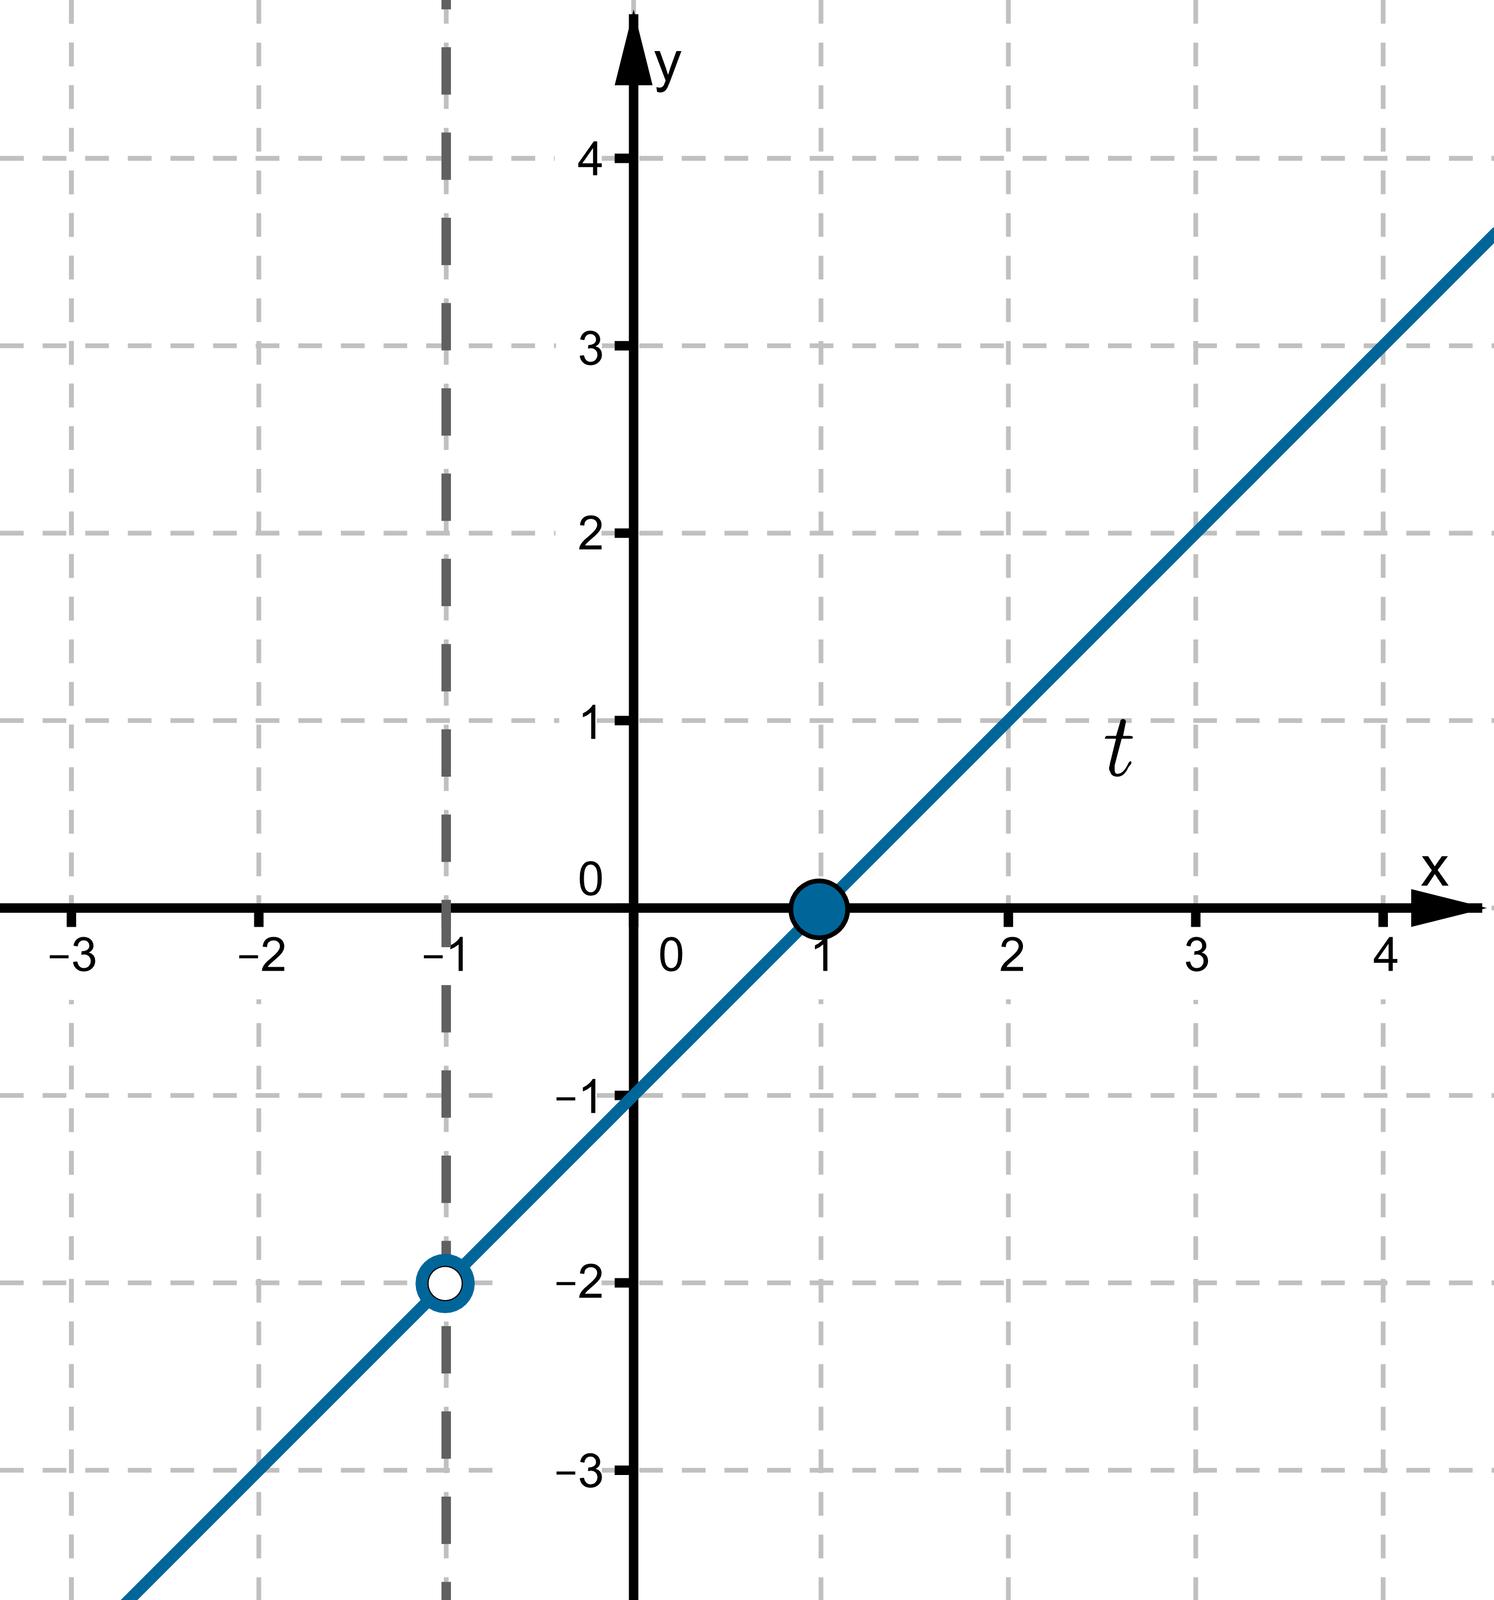 Wykres wpostaci prostej leżącej wpierwszej, trzeciej iczwartej ćwiartce układu współrzędnych przecina oś OX wpunkcie owspółrzędnych (1, 0). Oś OY przecina wpunkcie owspółrzędnych (0, -1 ). Punkt owspółrzędnych (-1, -2 ) nie należy do wykresu funkcji.